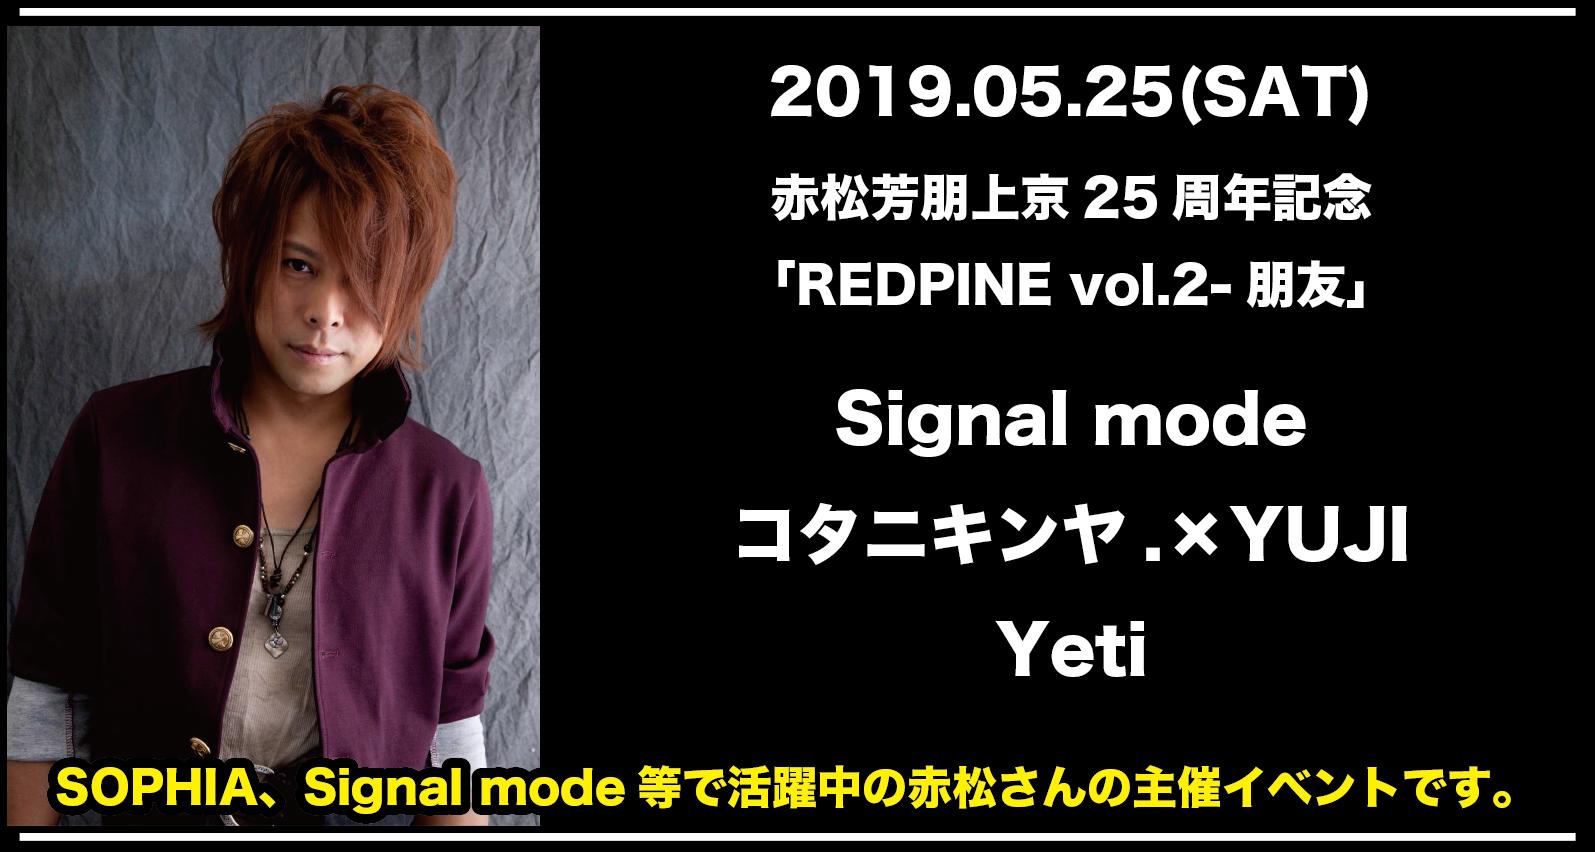 赤松芳朋上京25周年記念「REDPINE vol.2-朋友」